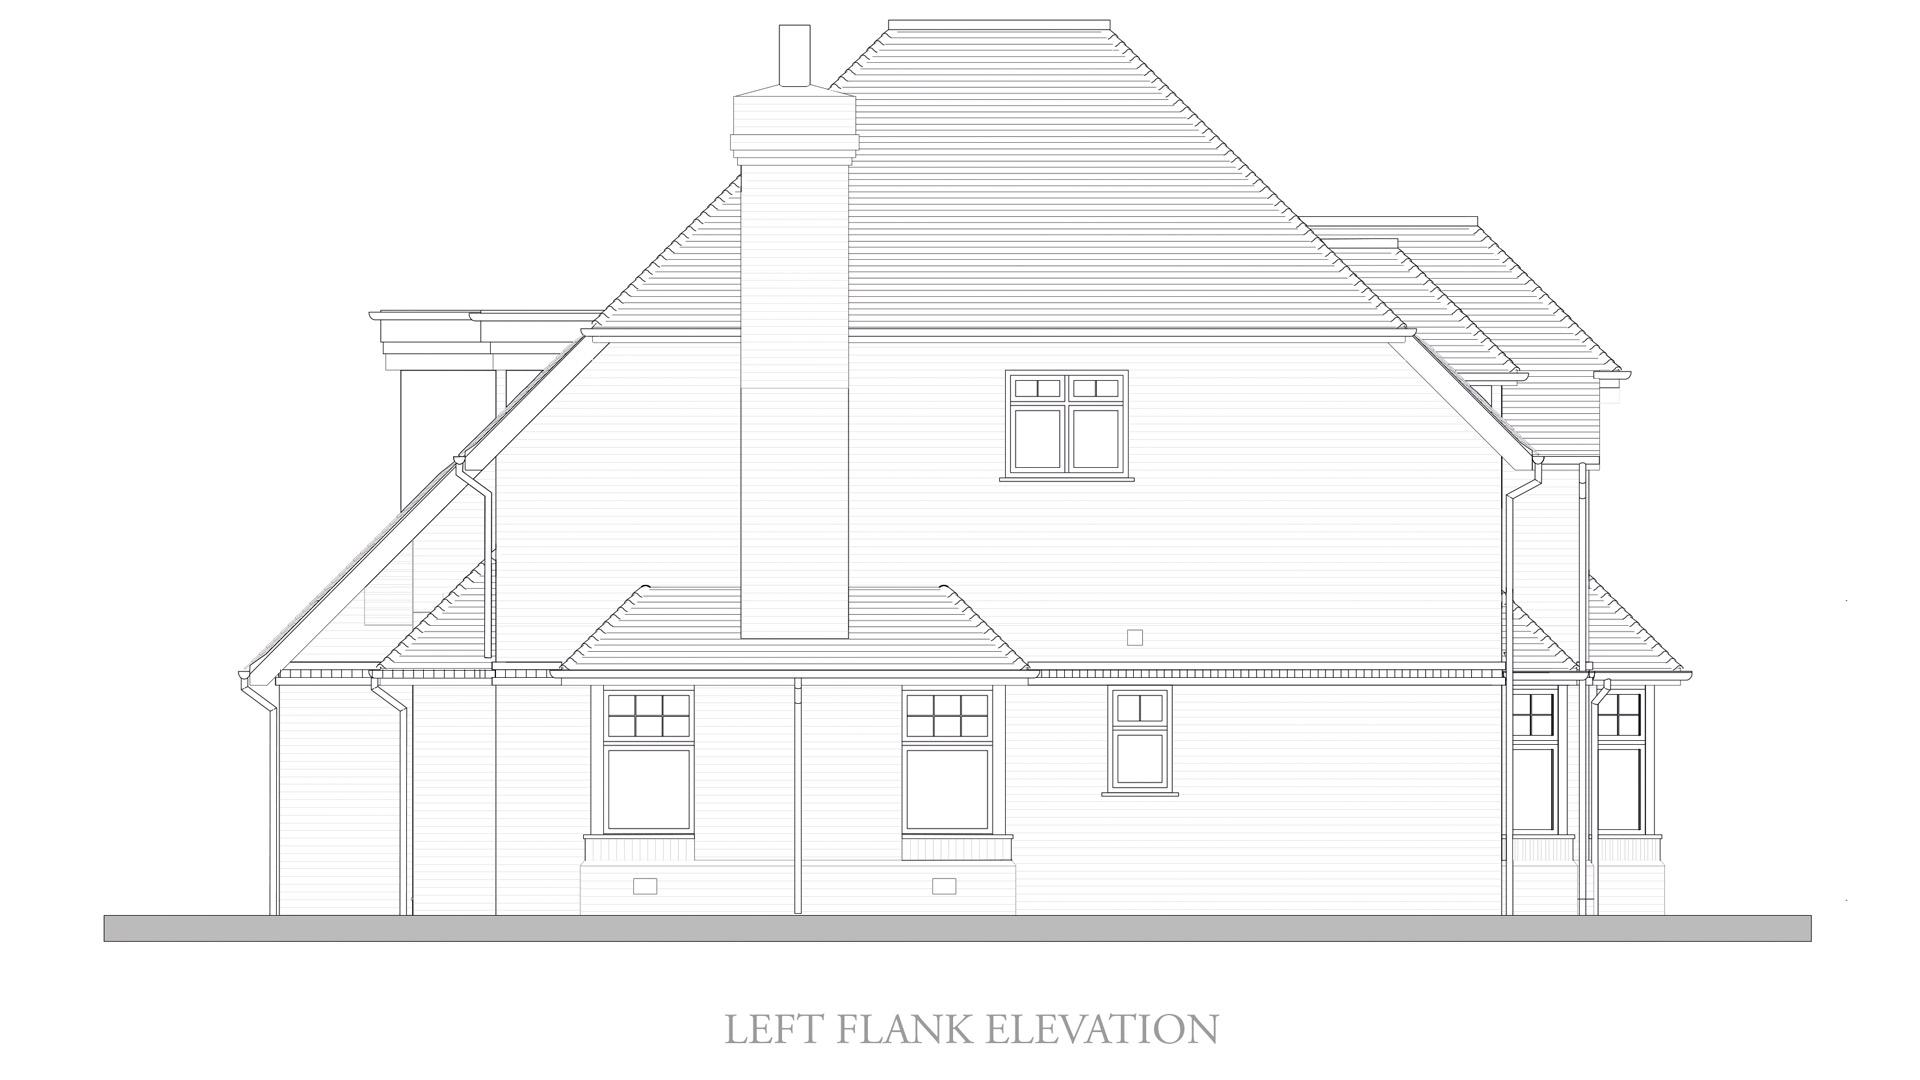 penrose-left-flank-new